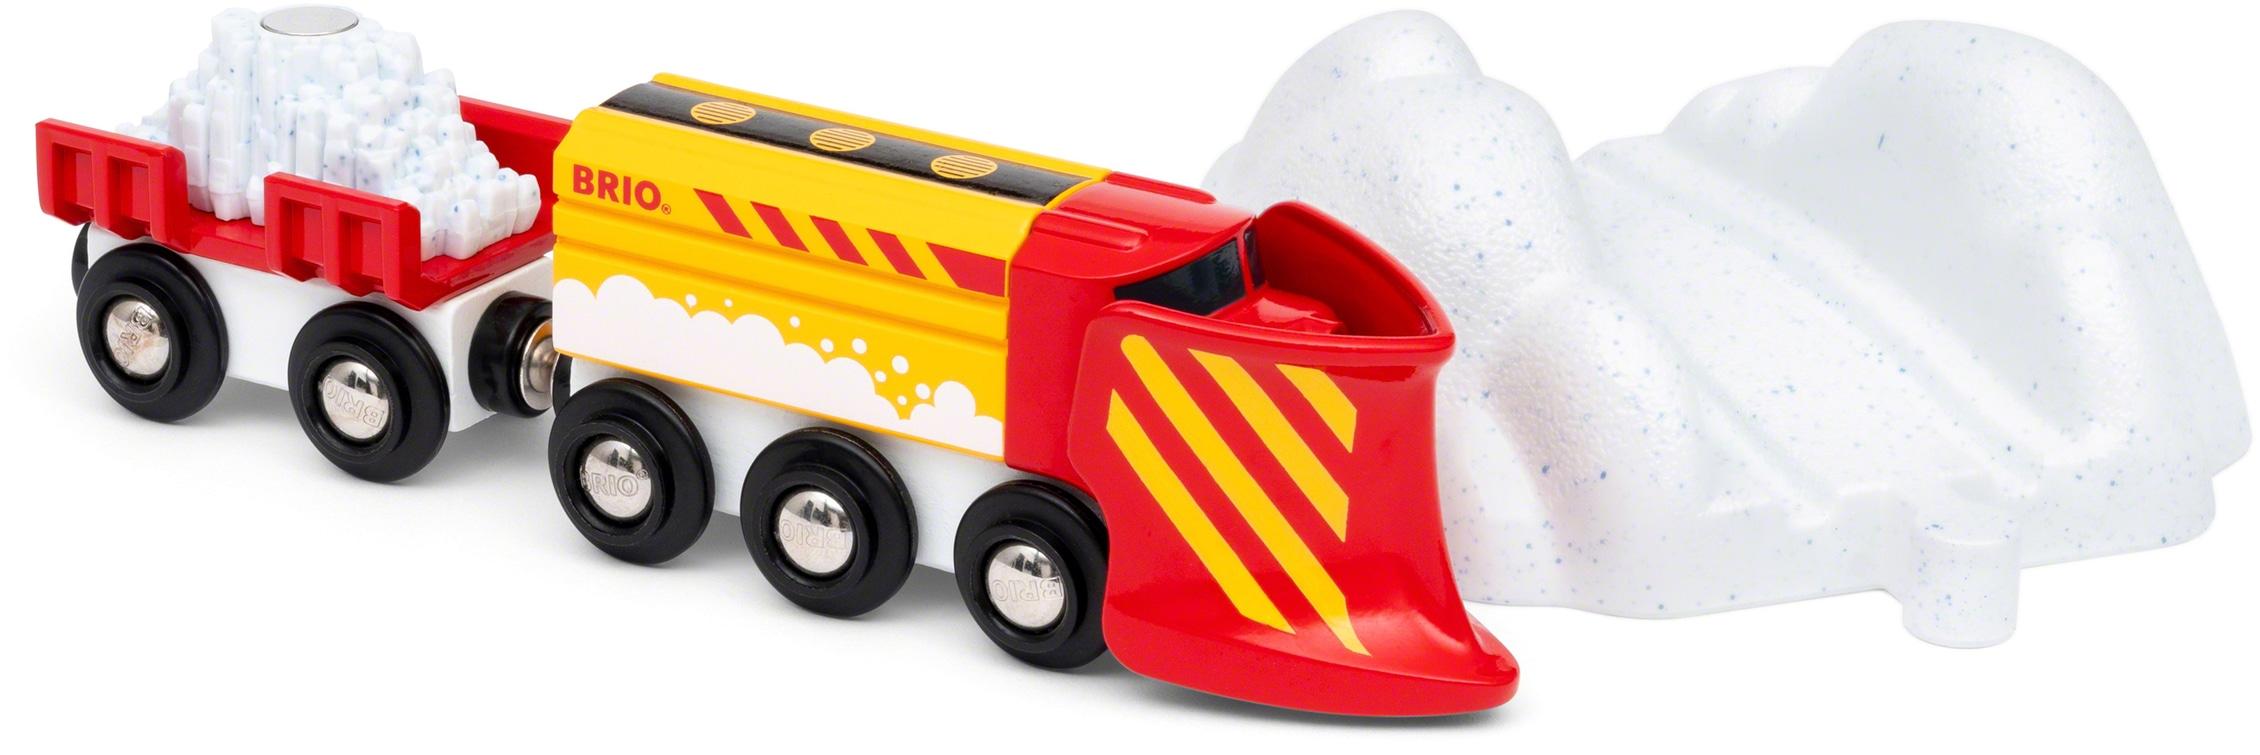 BRIO Spielzeug-Zug Schneeräumzug rot Kinder Kindereisenbahnen Autos, Eisenbahn Modellbau